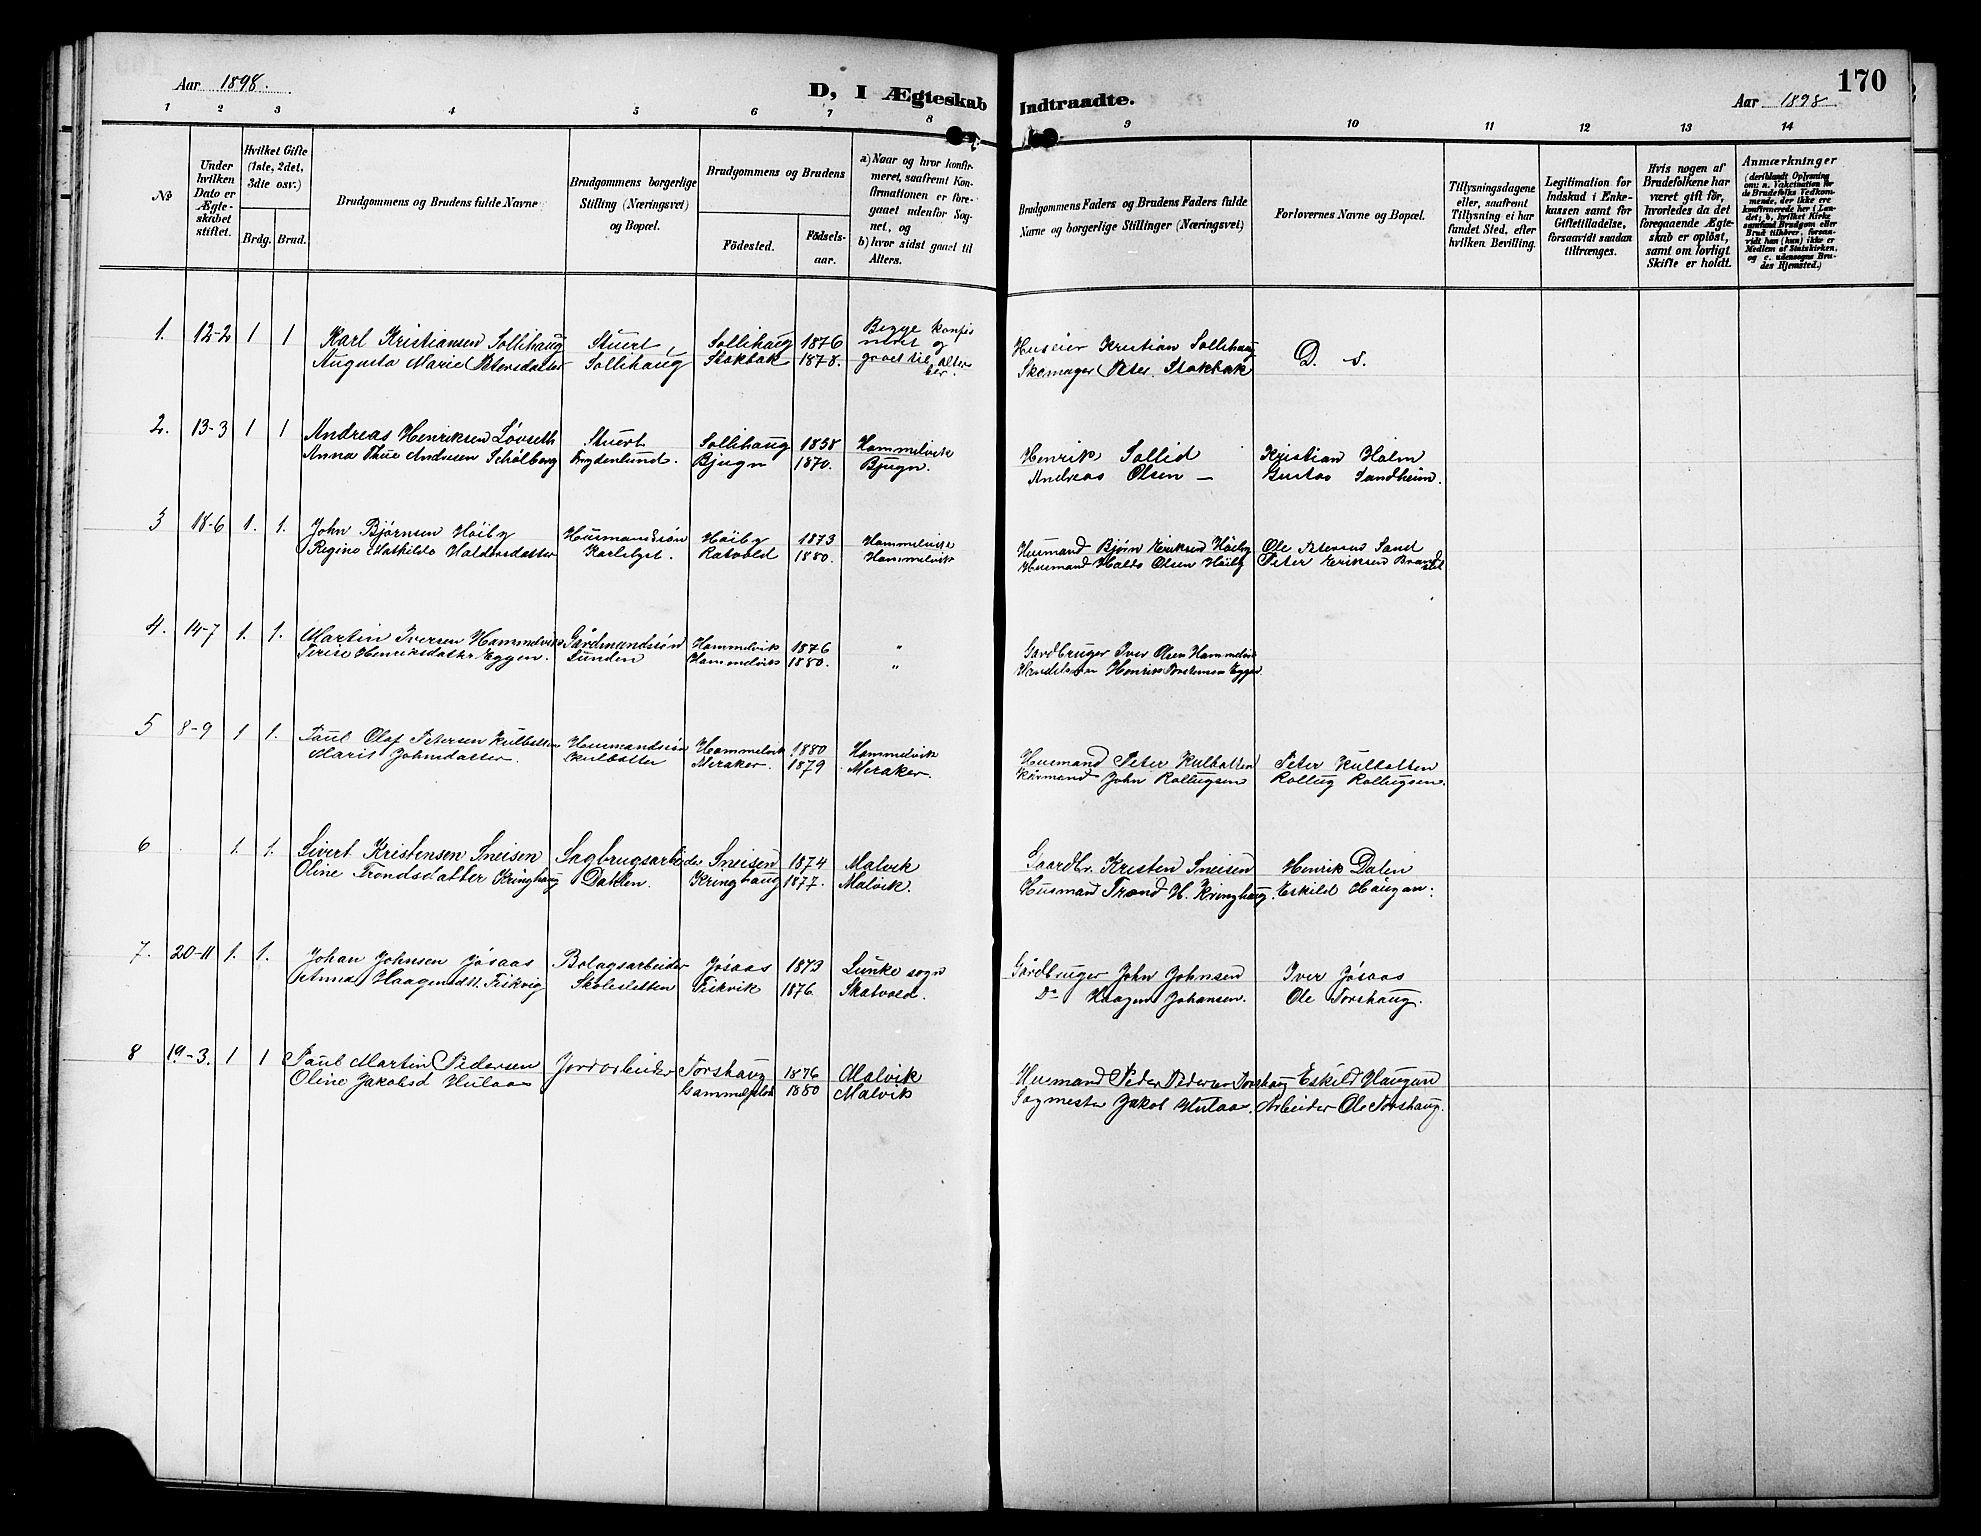 SAT, Ministerialprotokoller, klokkerbøker og fødselsregistre - Sør-Trøndelag, 617/L0431: Klokkerbok nr. 617C01, 1889-1910, s. 170